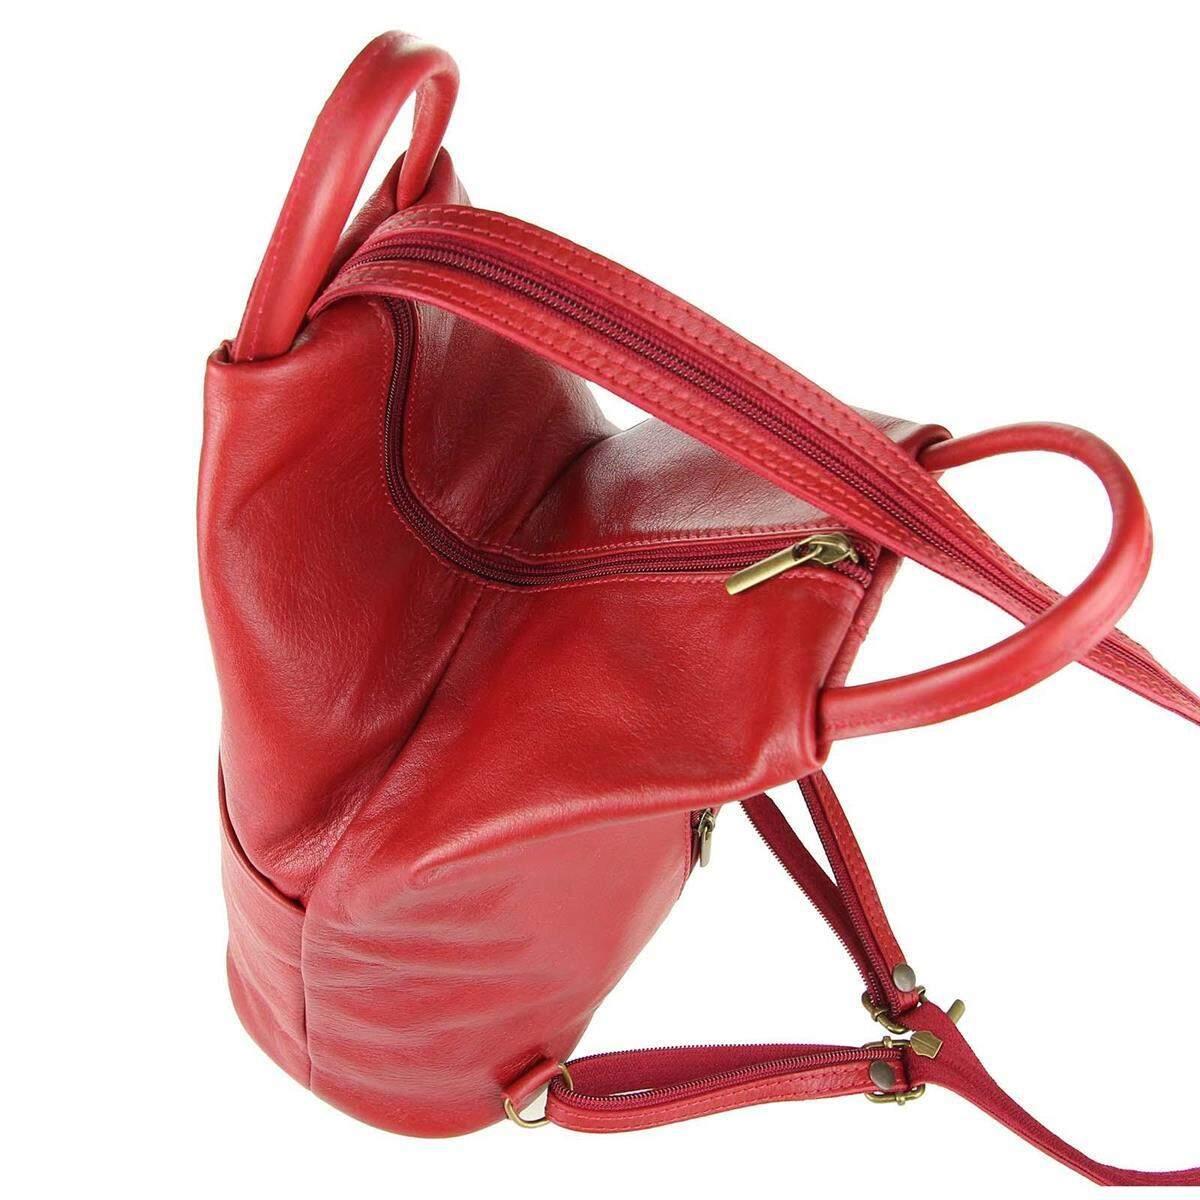 ital damen echt leder rucksack daypack backpack lederrucksack tasche schultertasche ledertasche. Black Bedroom Furniture Sets. Home Design Ideas